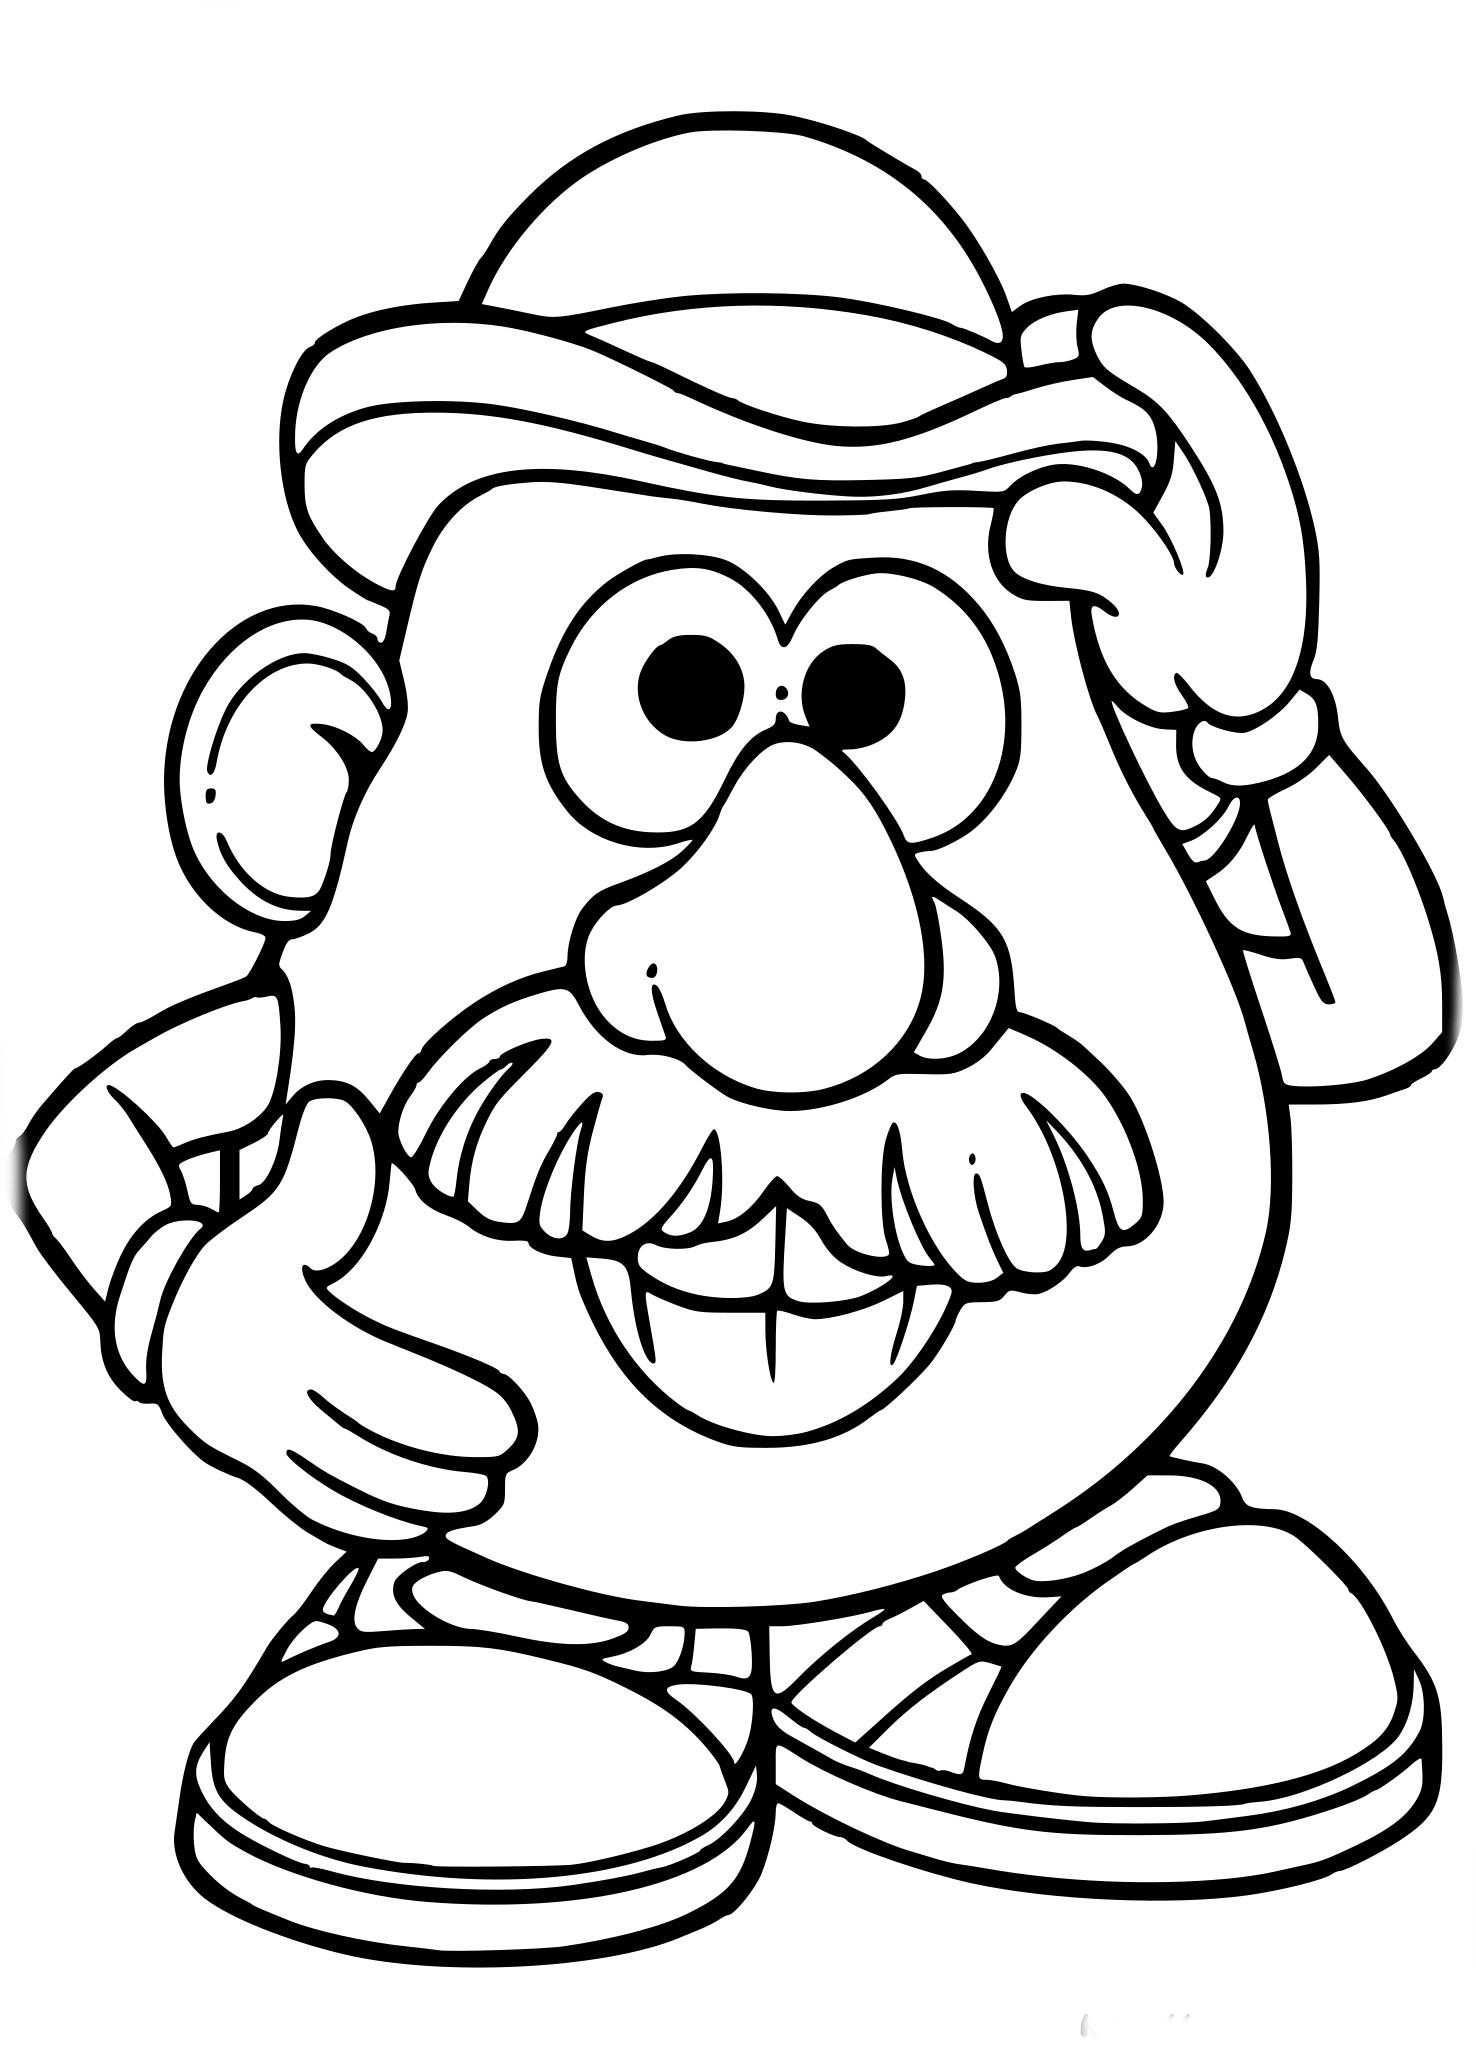 Coloriage De Monsieur Patate À Imprimer Sur Coloriage De intérieur Coloriage Mr Patate